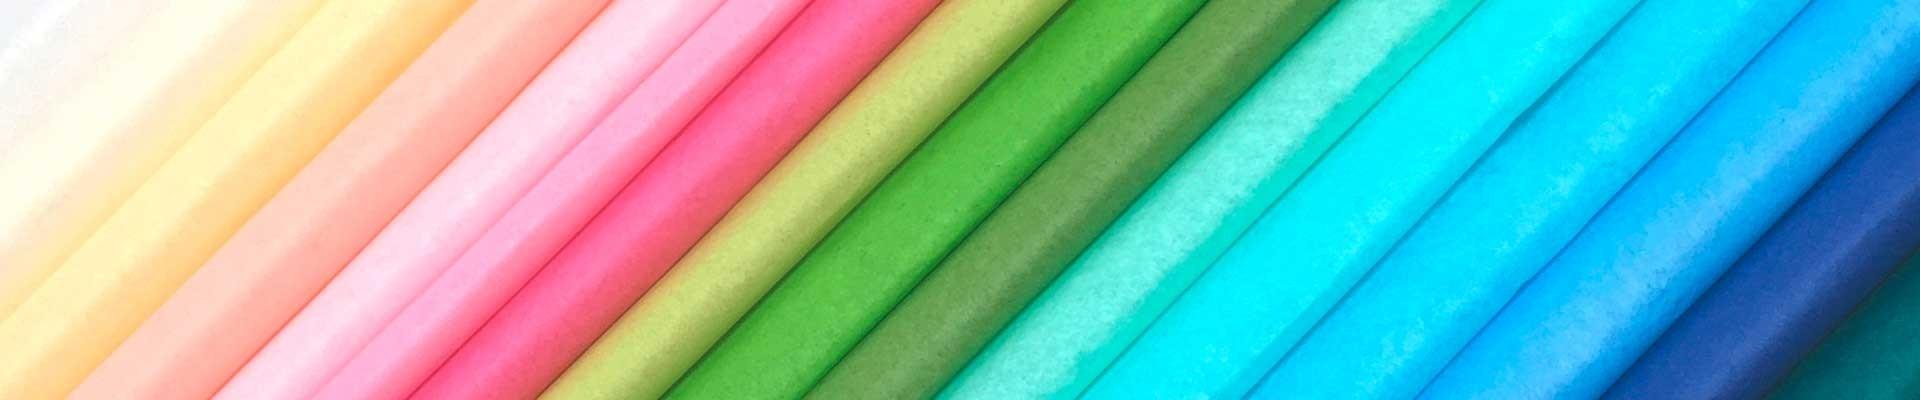 Farbechte Seidenpapiere in verschiedenen Unifarben.